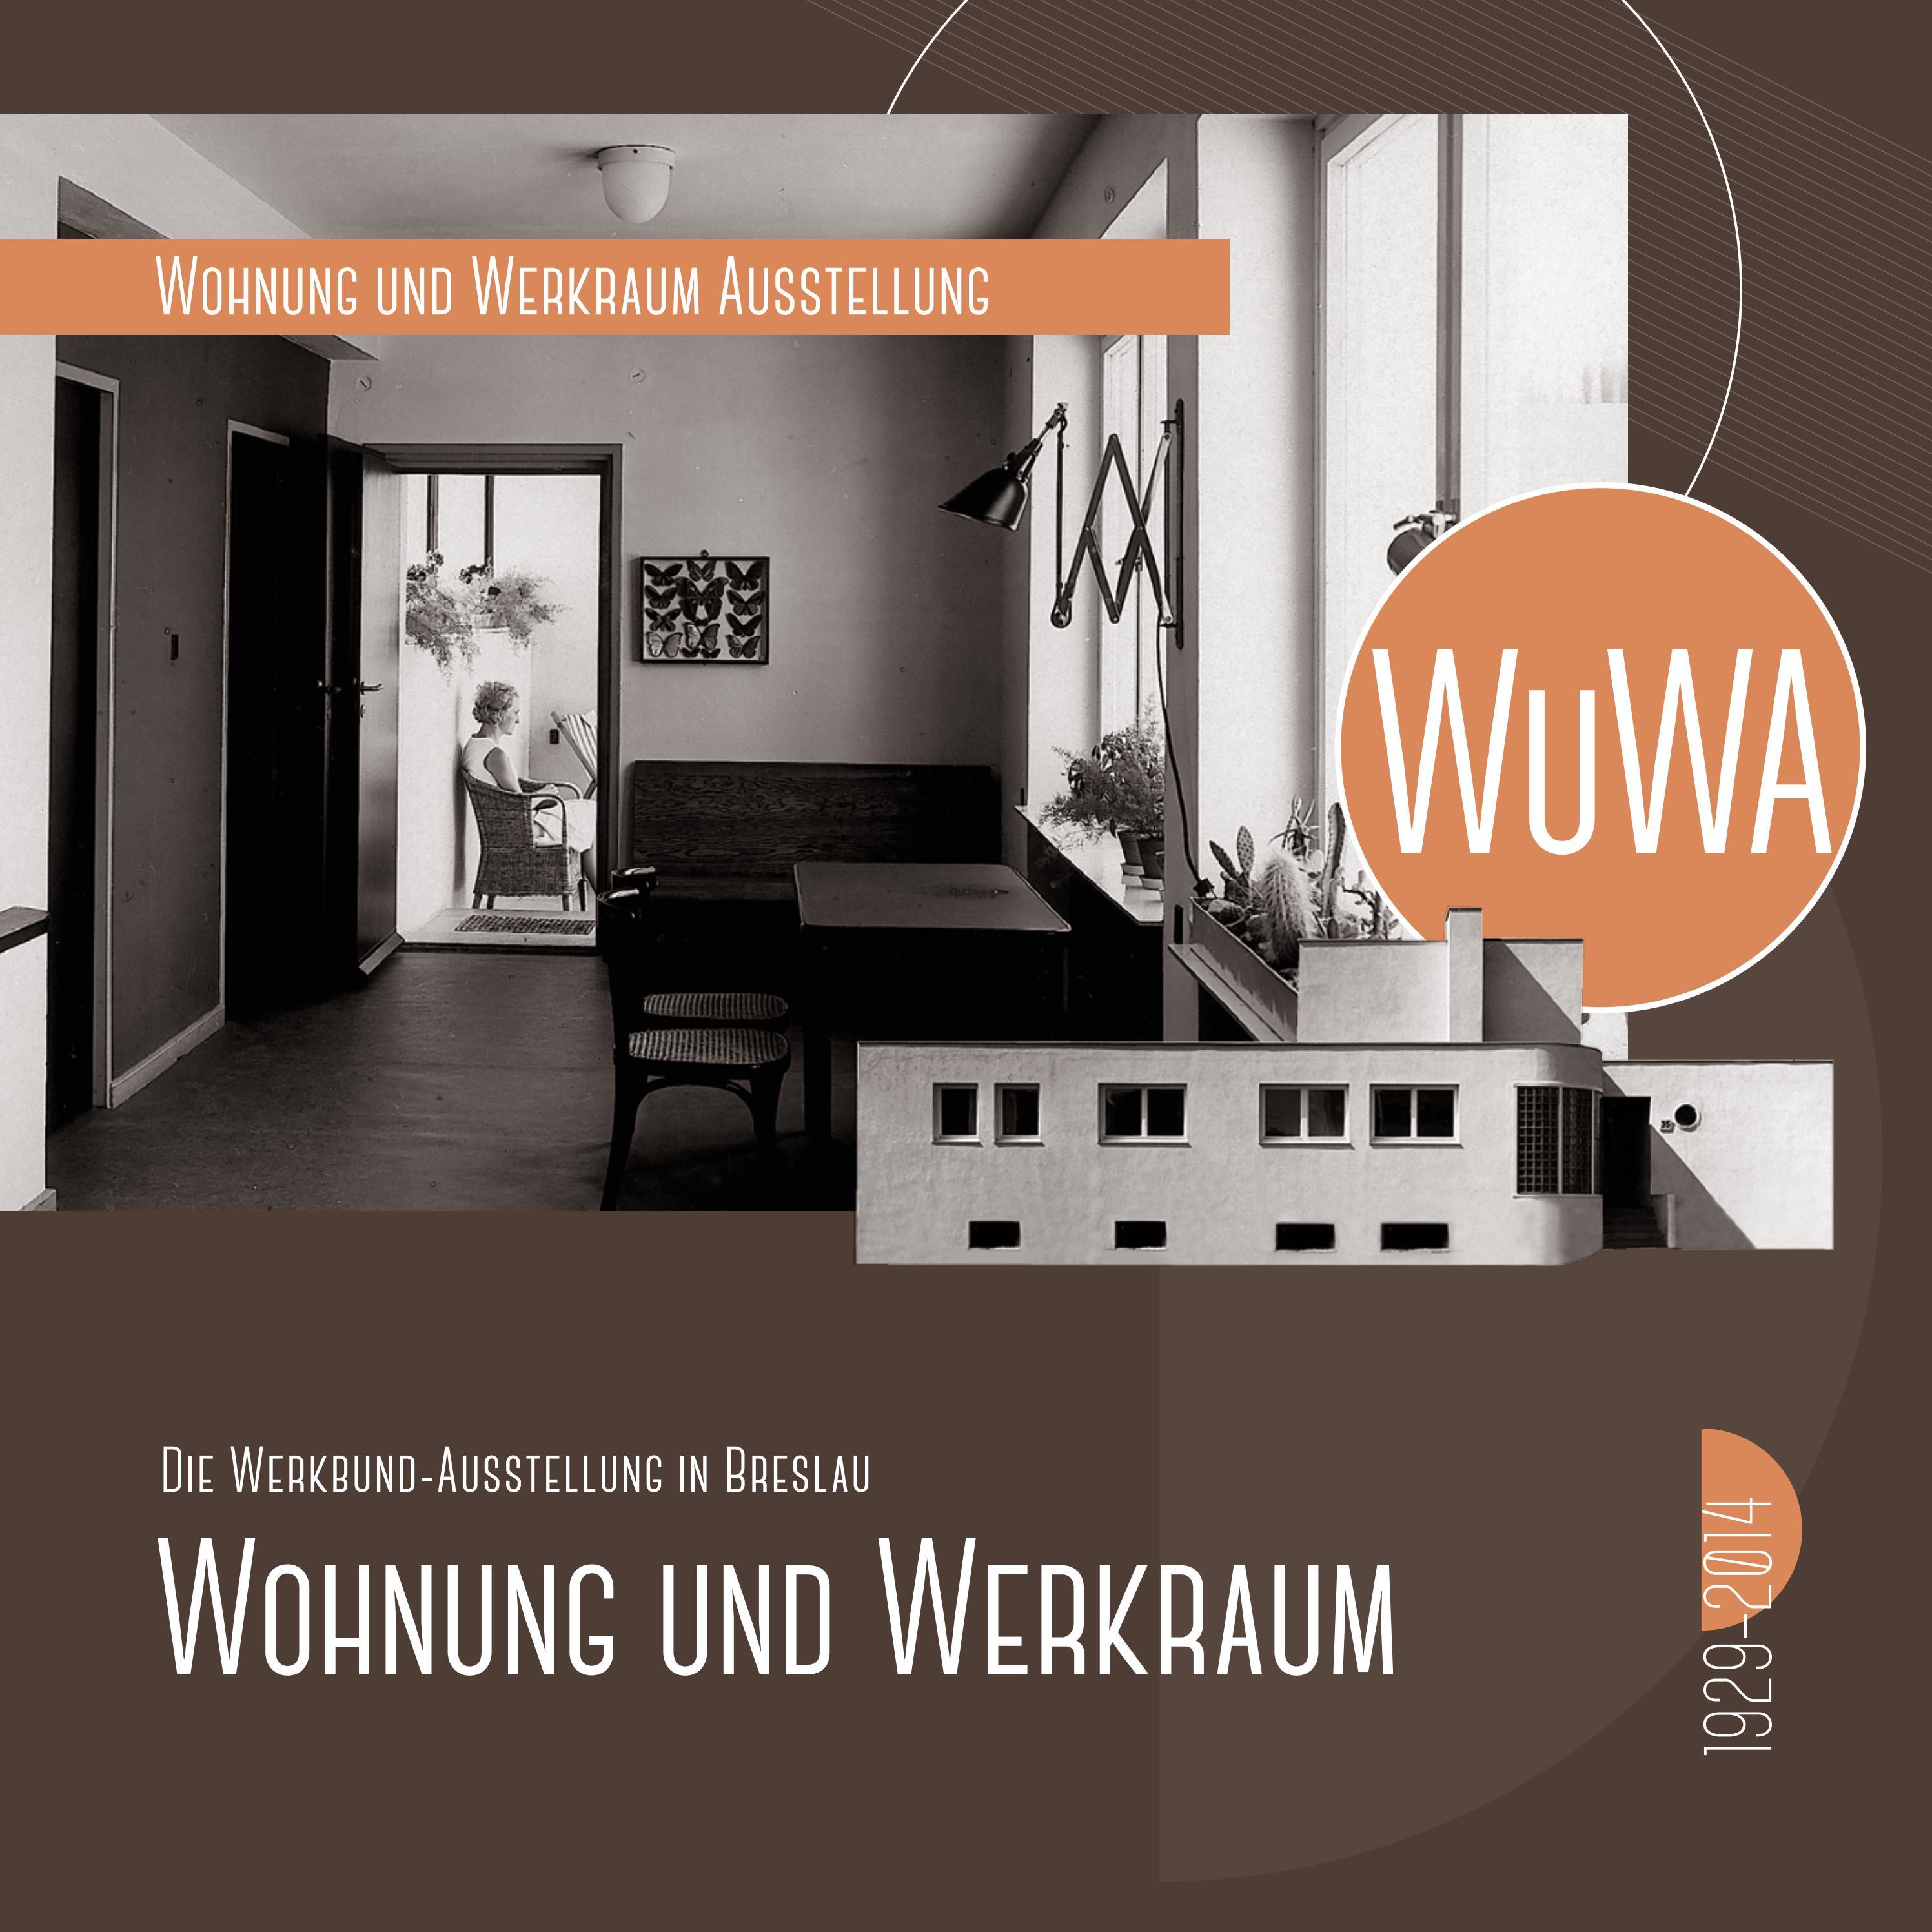 wohnung einrichten geometrische asthetik funktionell, wuwa - wohnung und werkraum by prezentacja online - issuu, Design ideen